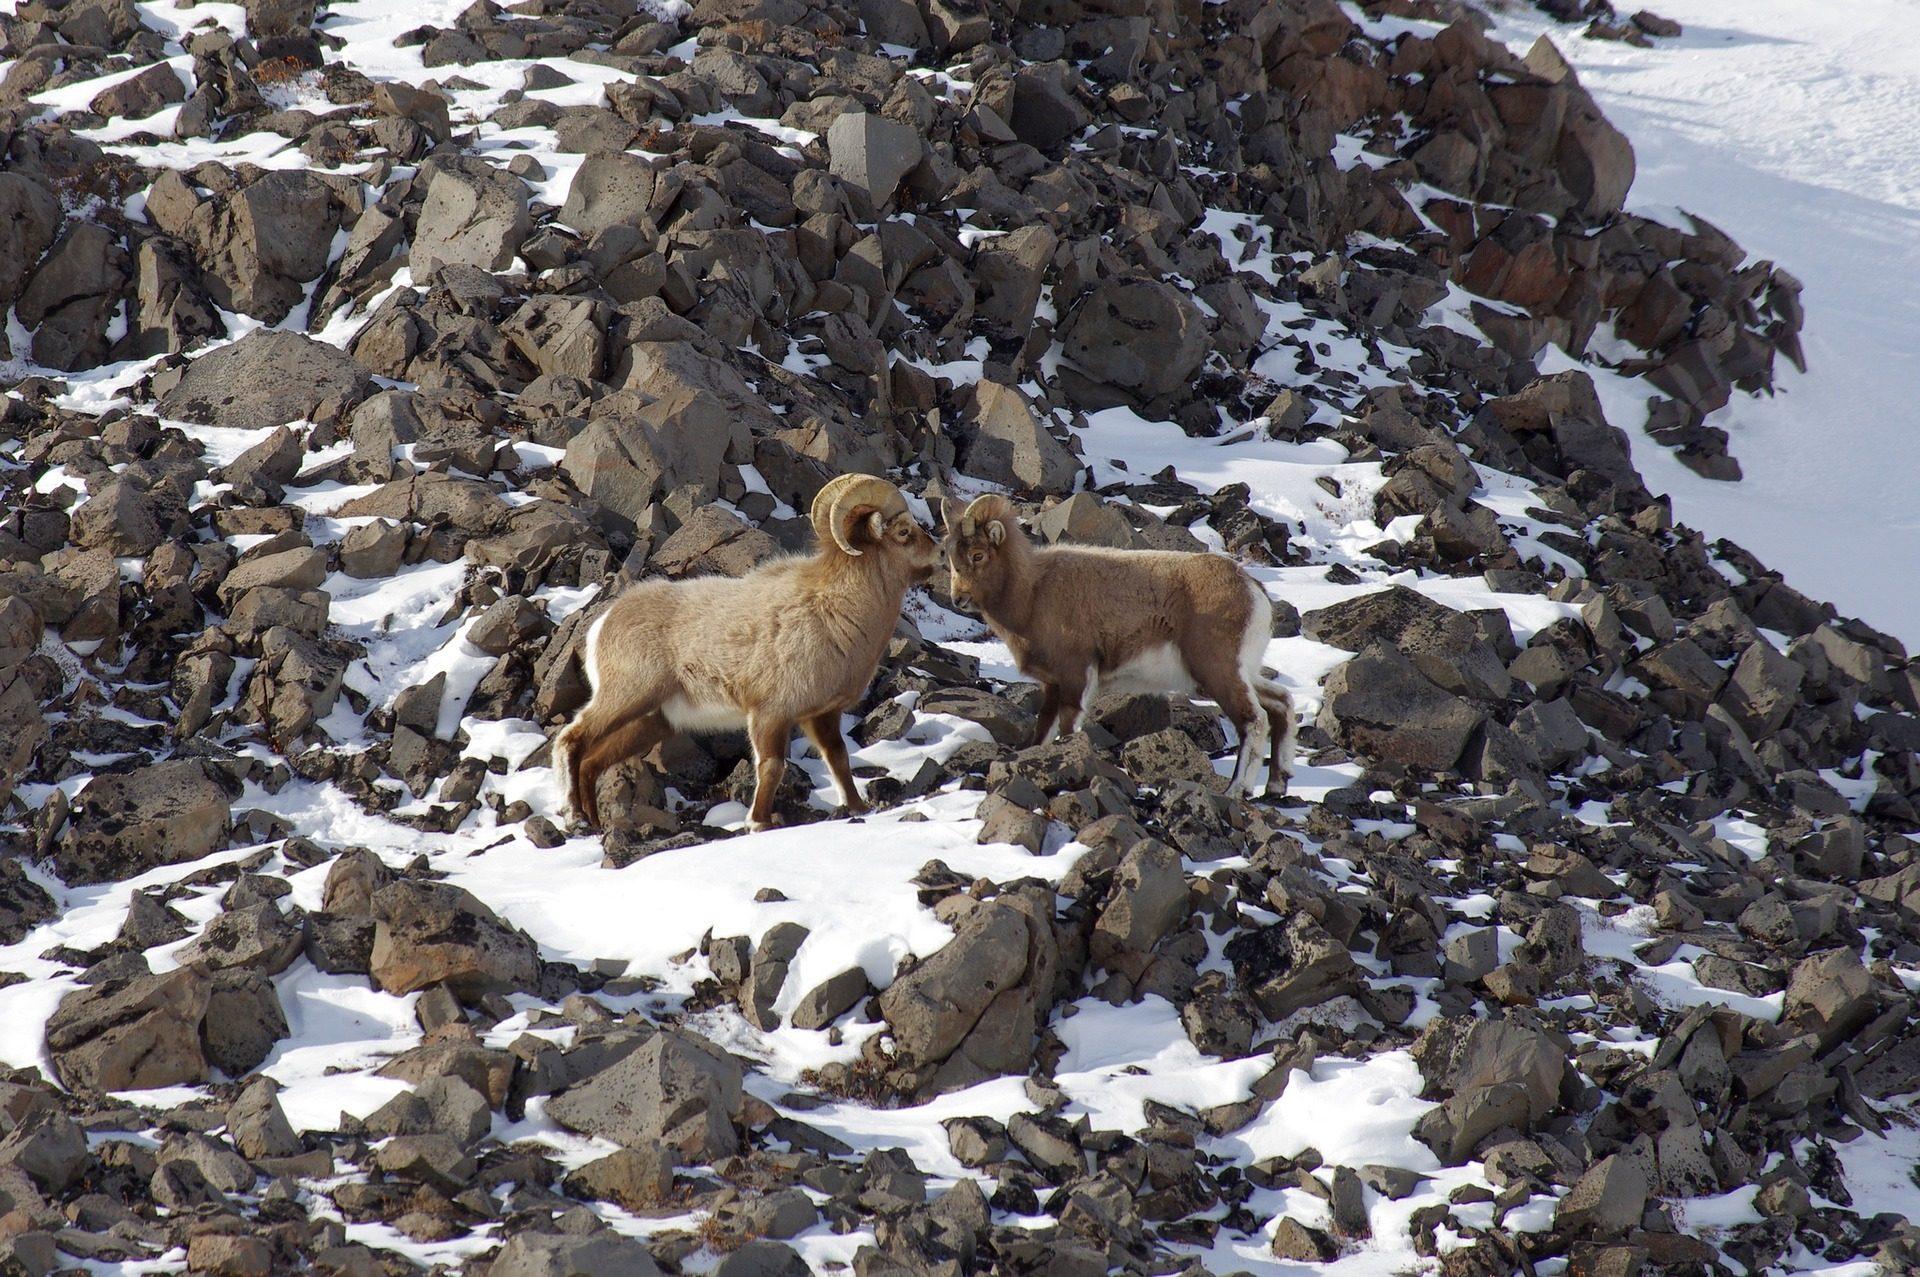 الماعز, الجبل, الأحجار, الثلج, الأبواق - خلفيات عالية الدقة - أستاذ falken.com